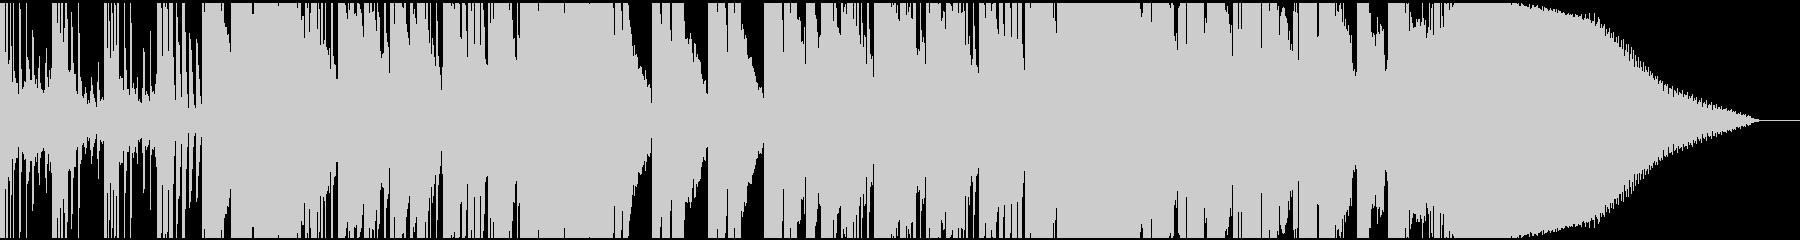 波の音に乗せたピアノとベースのインストの未再生の波形